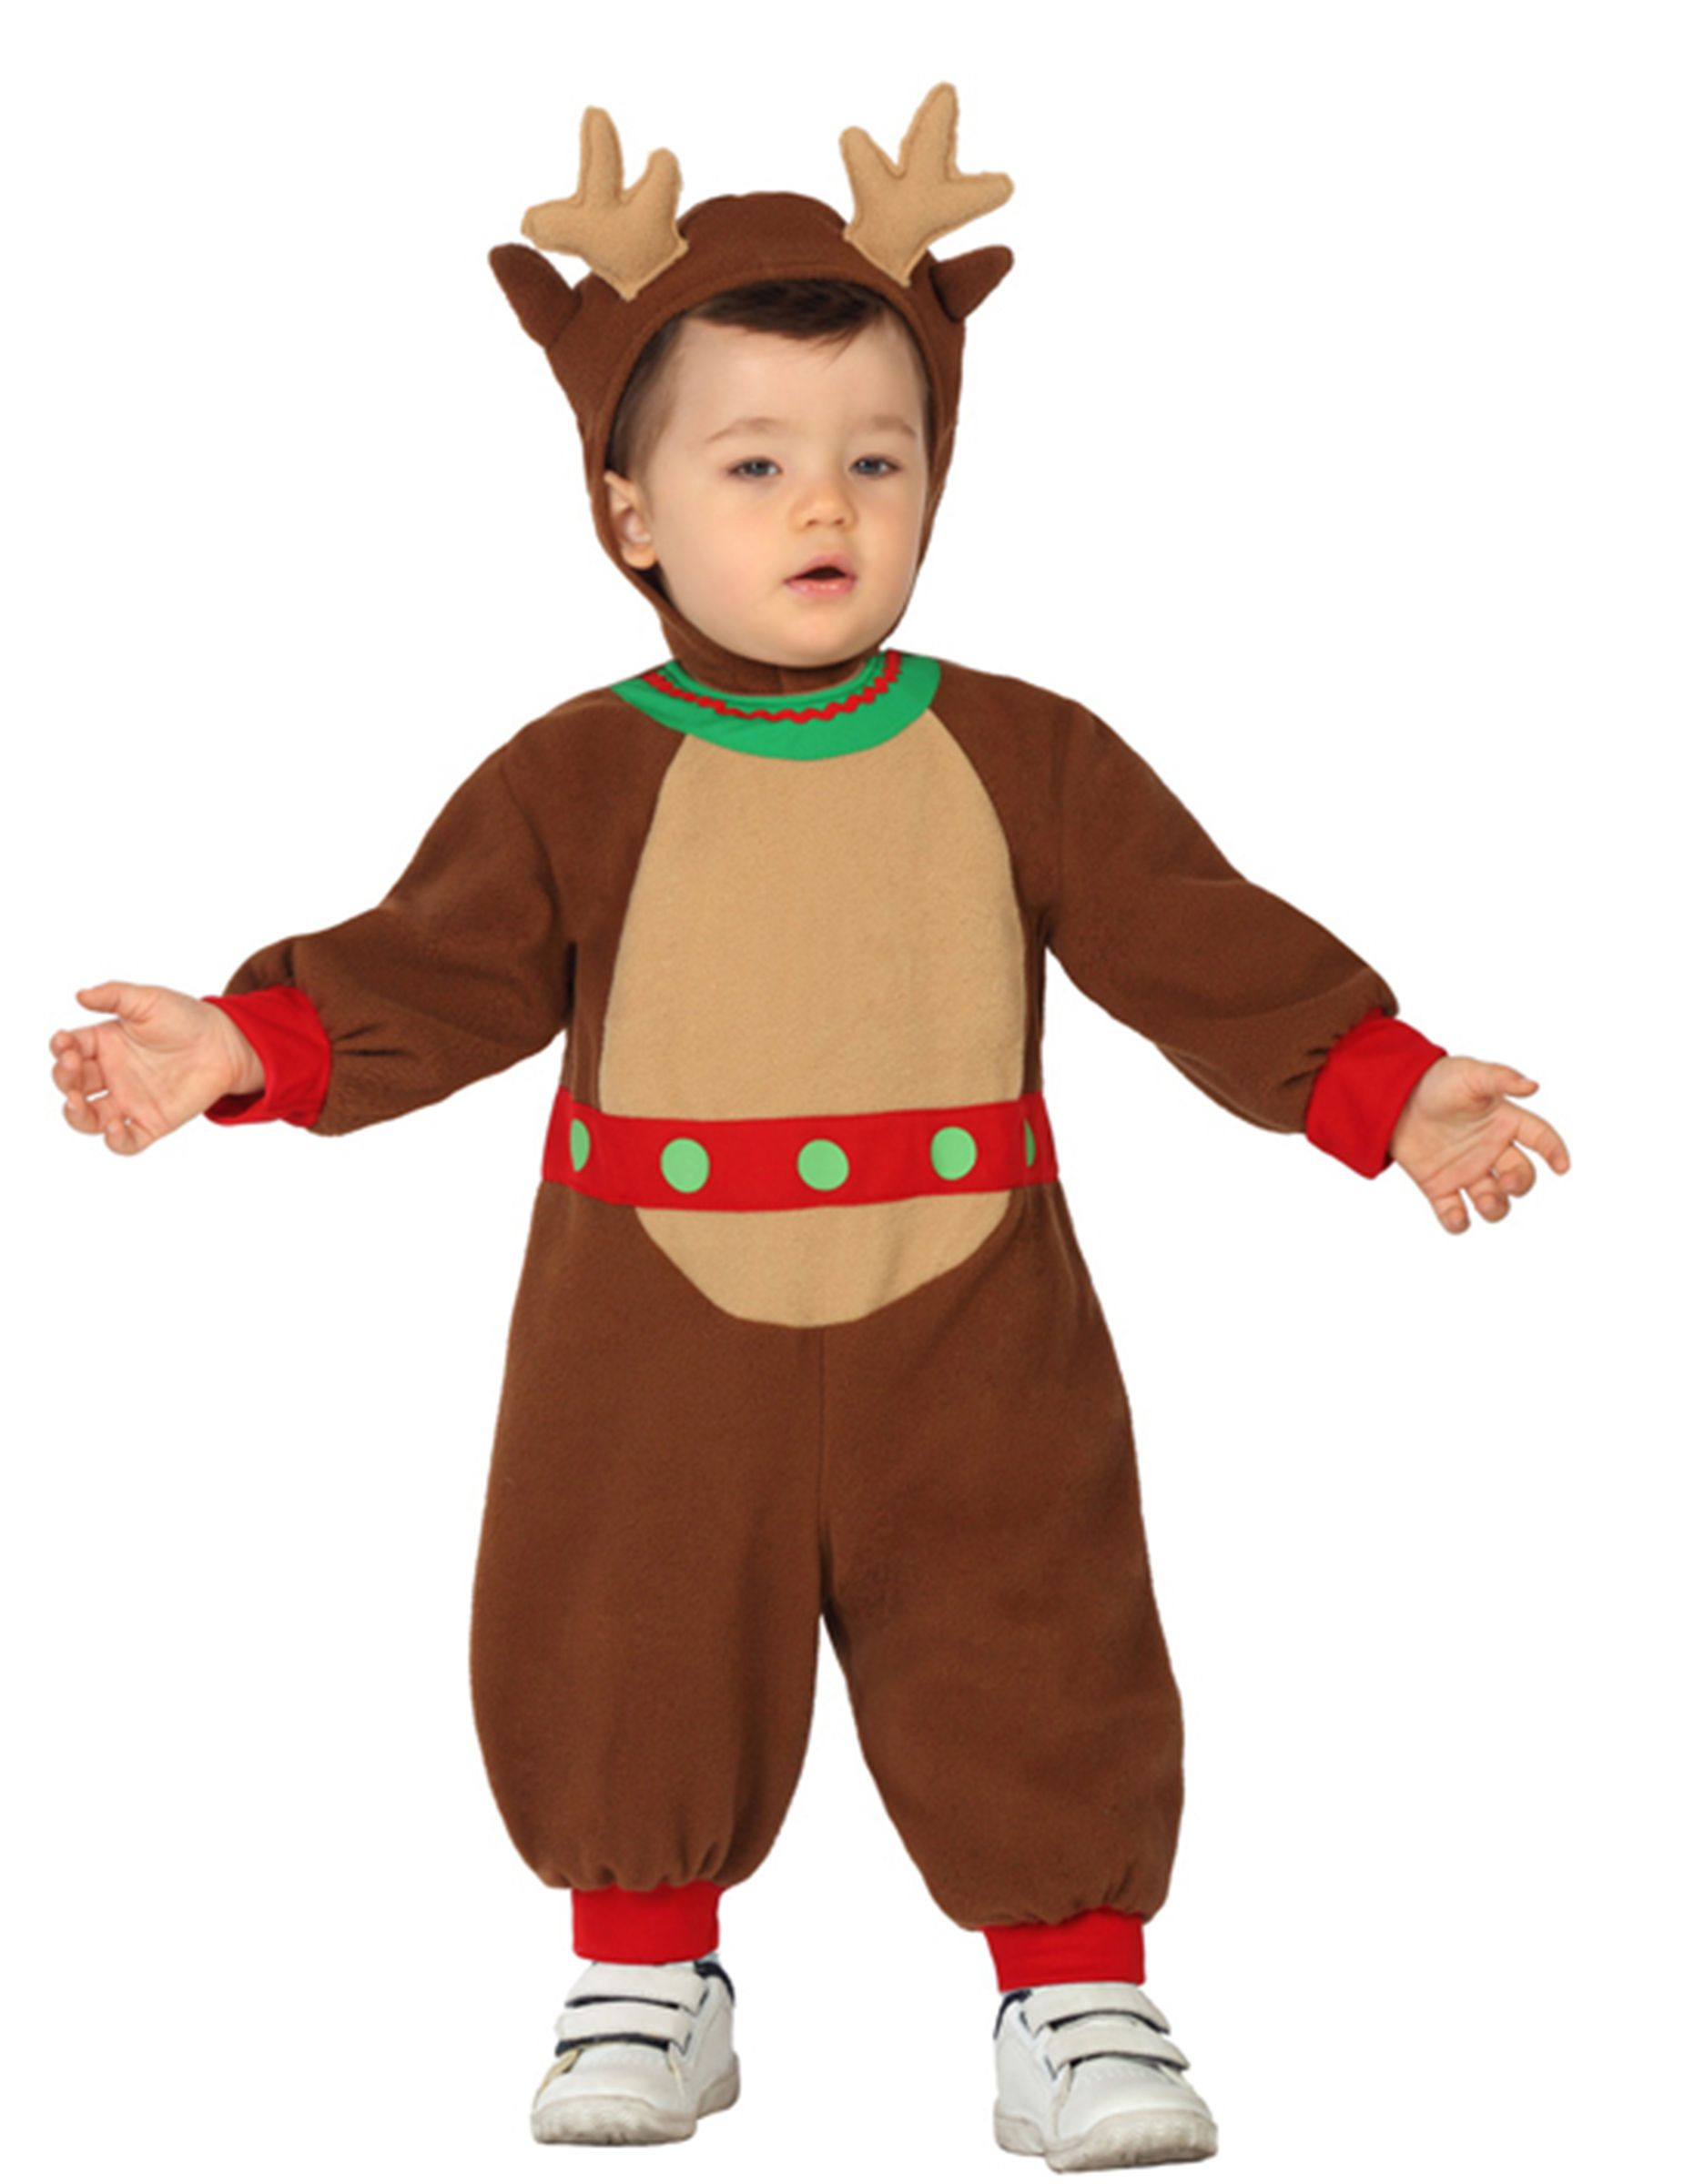 ccd4a0d50 Disfarce pequeno Rena bébé Natal